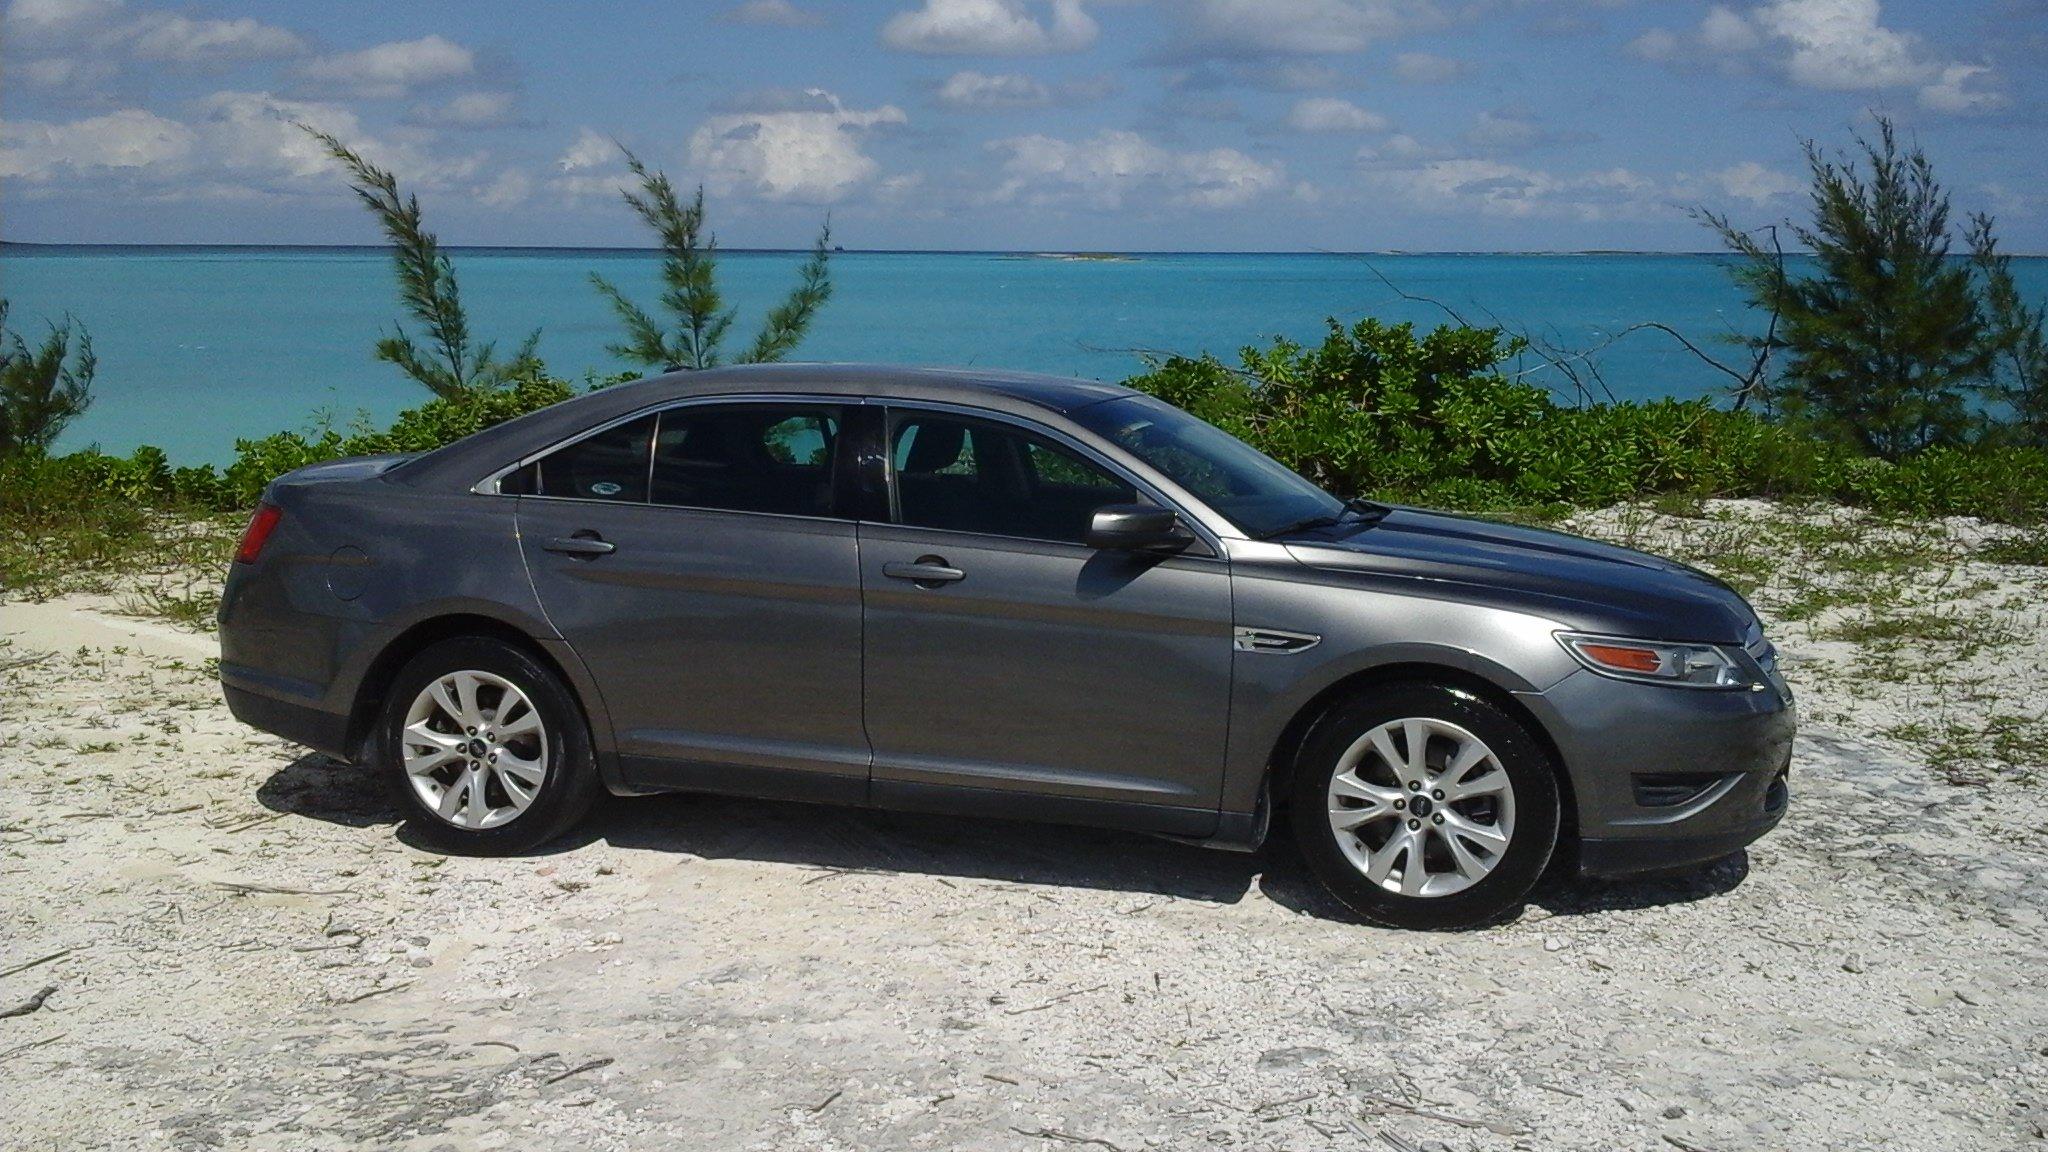 Exuma Car Rentals | Quality Auto Rentals and Car Hire